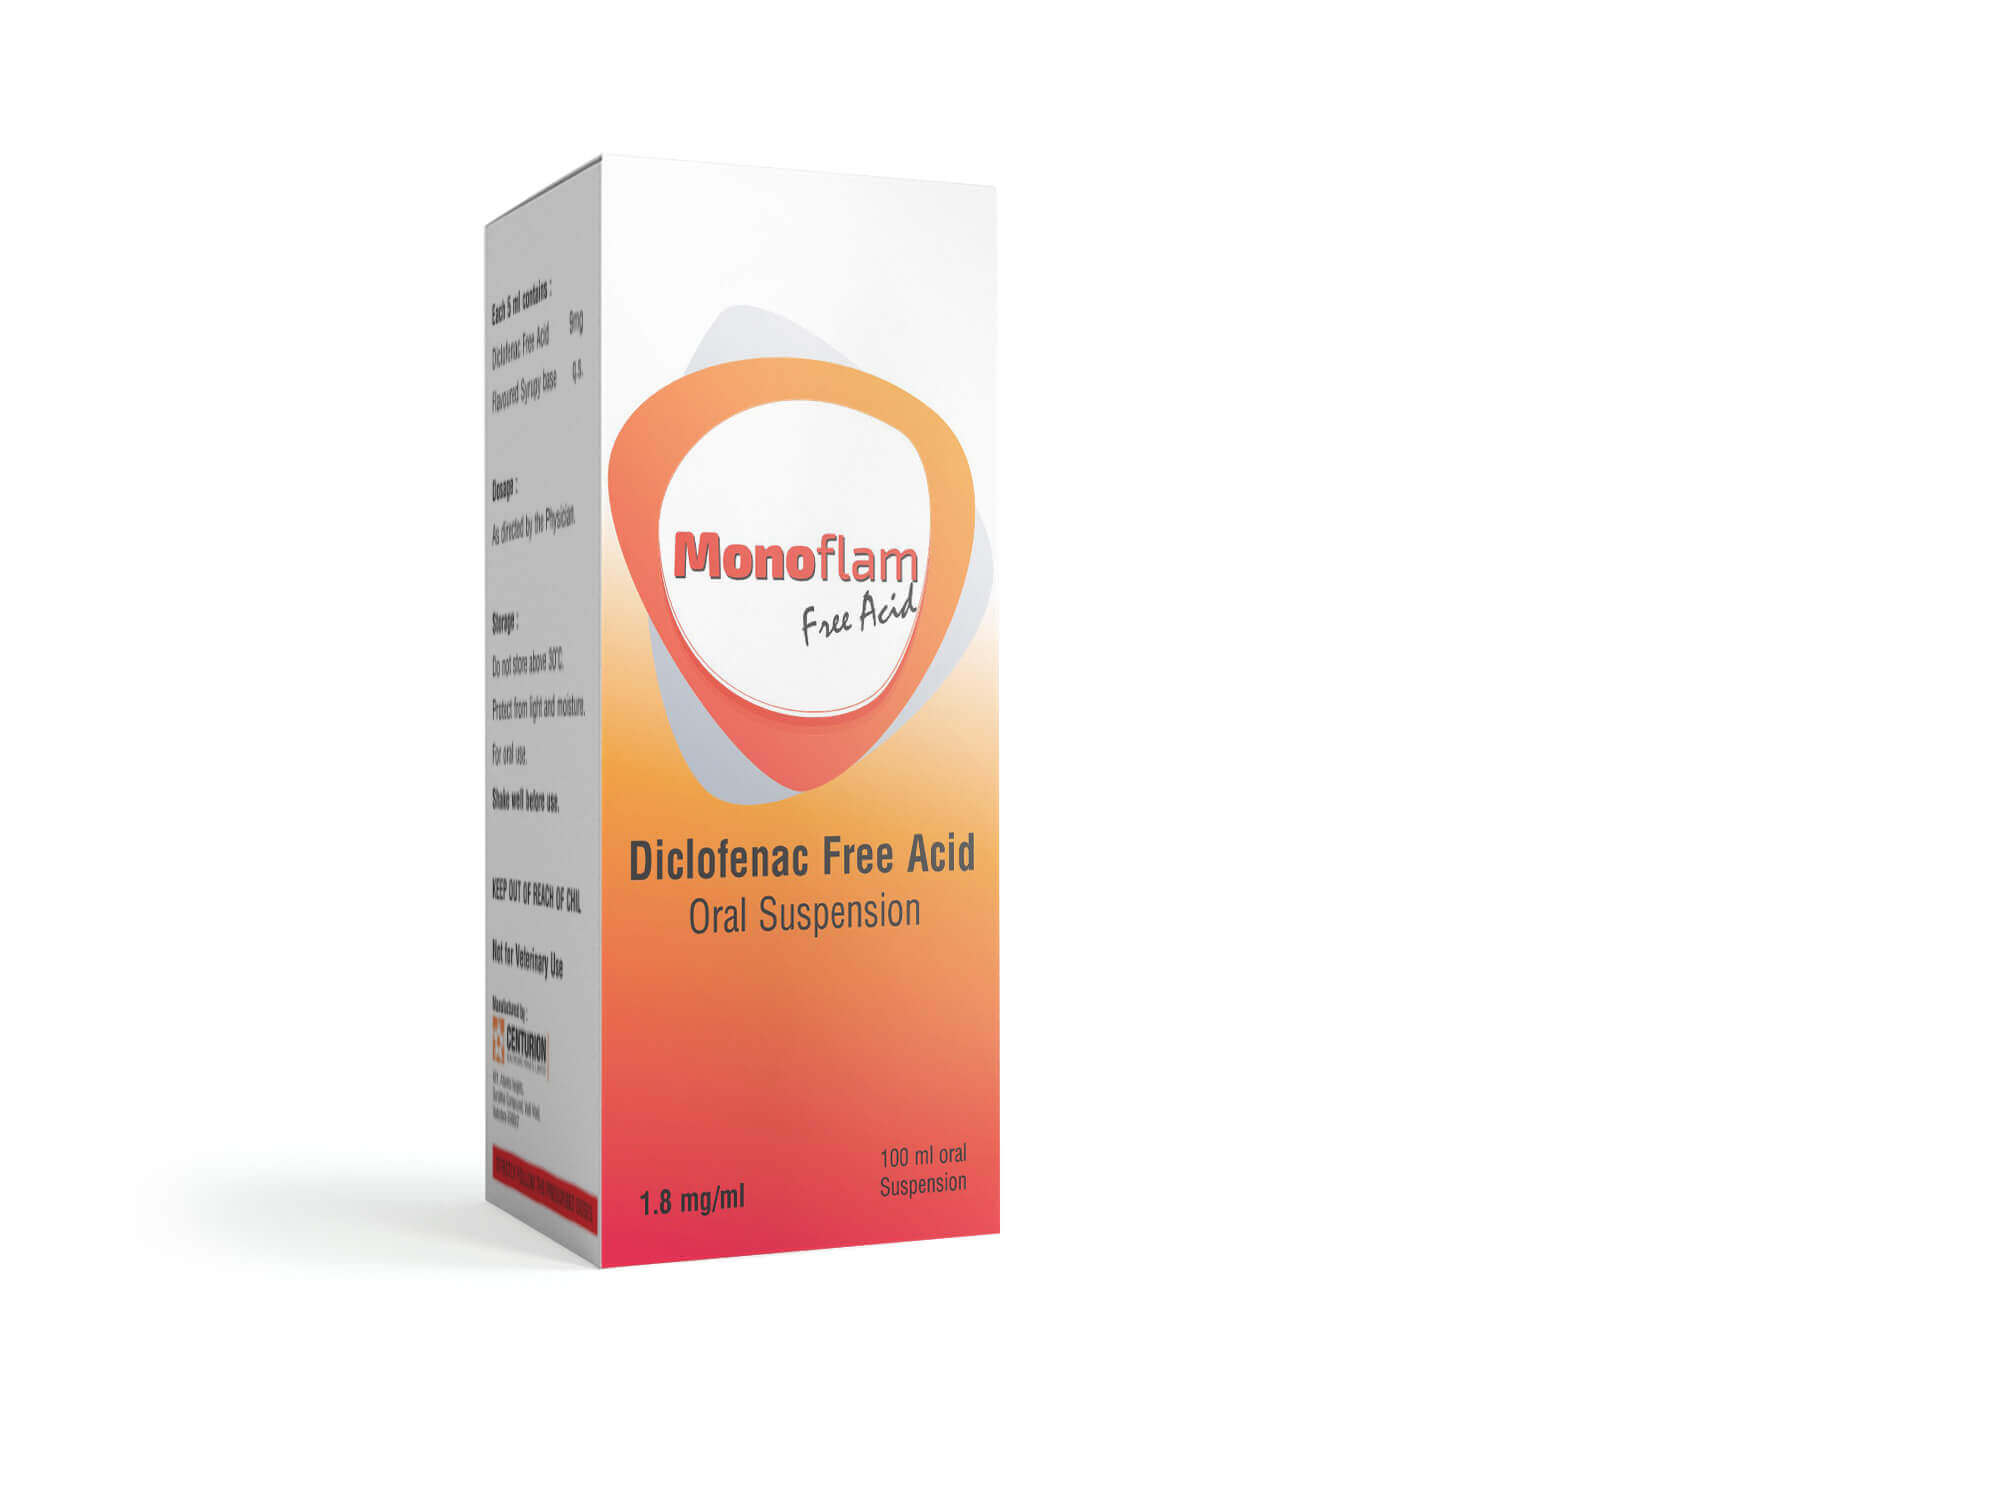 Diclofenac Free Acid Oral Solution